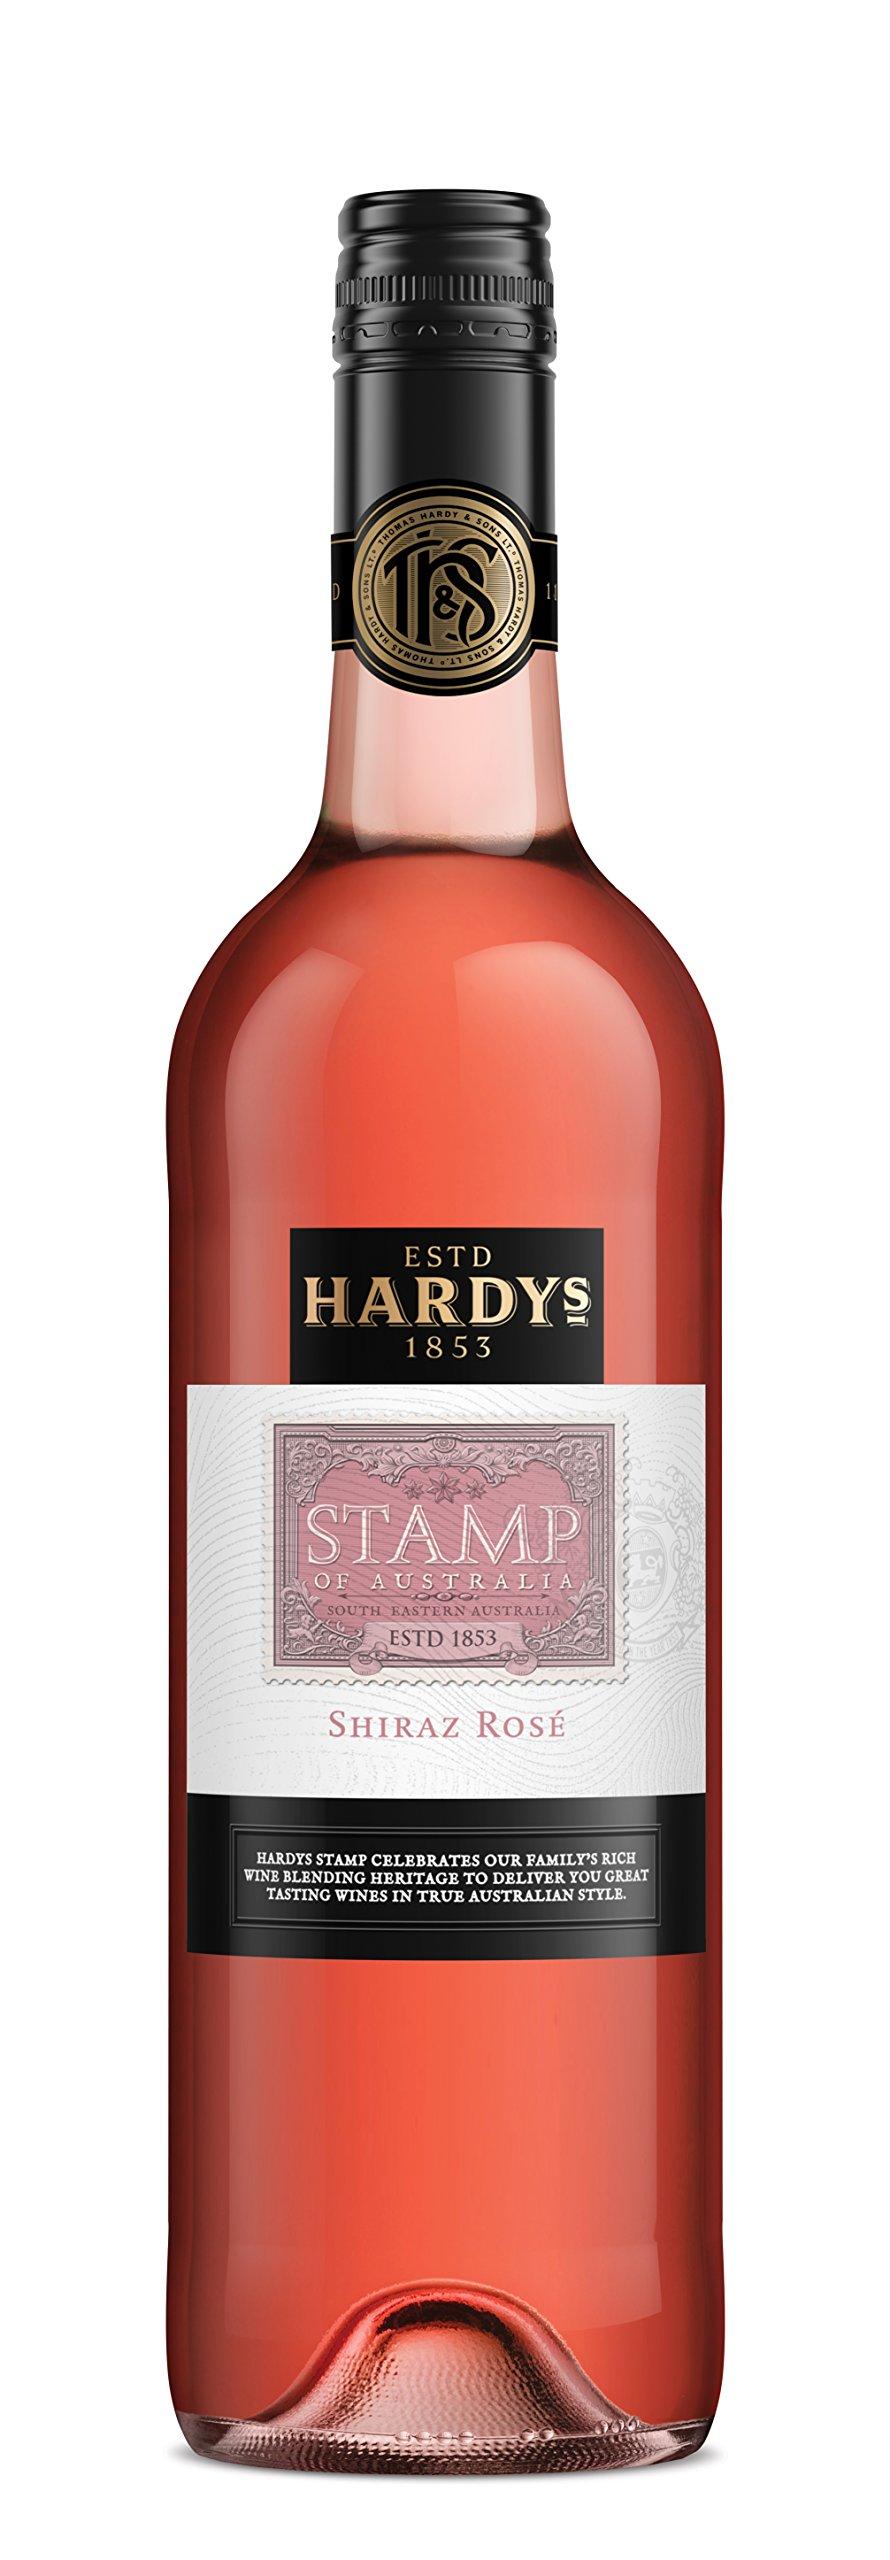 6x-HARDYS-STAMPS-GRENACHE-SHIRAZ-ROS-075L-Incl-Goodie-von-Flensburger-Handel